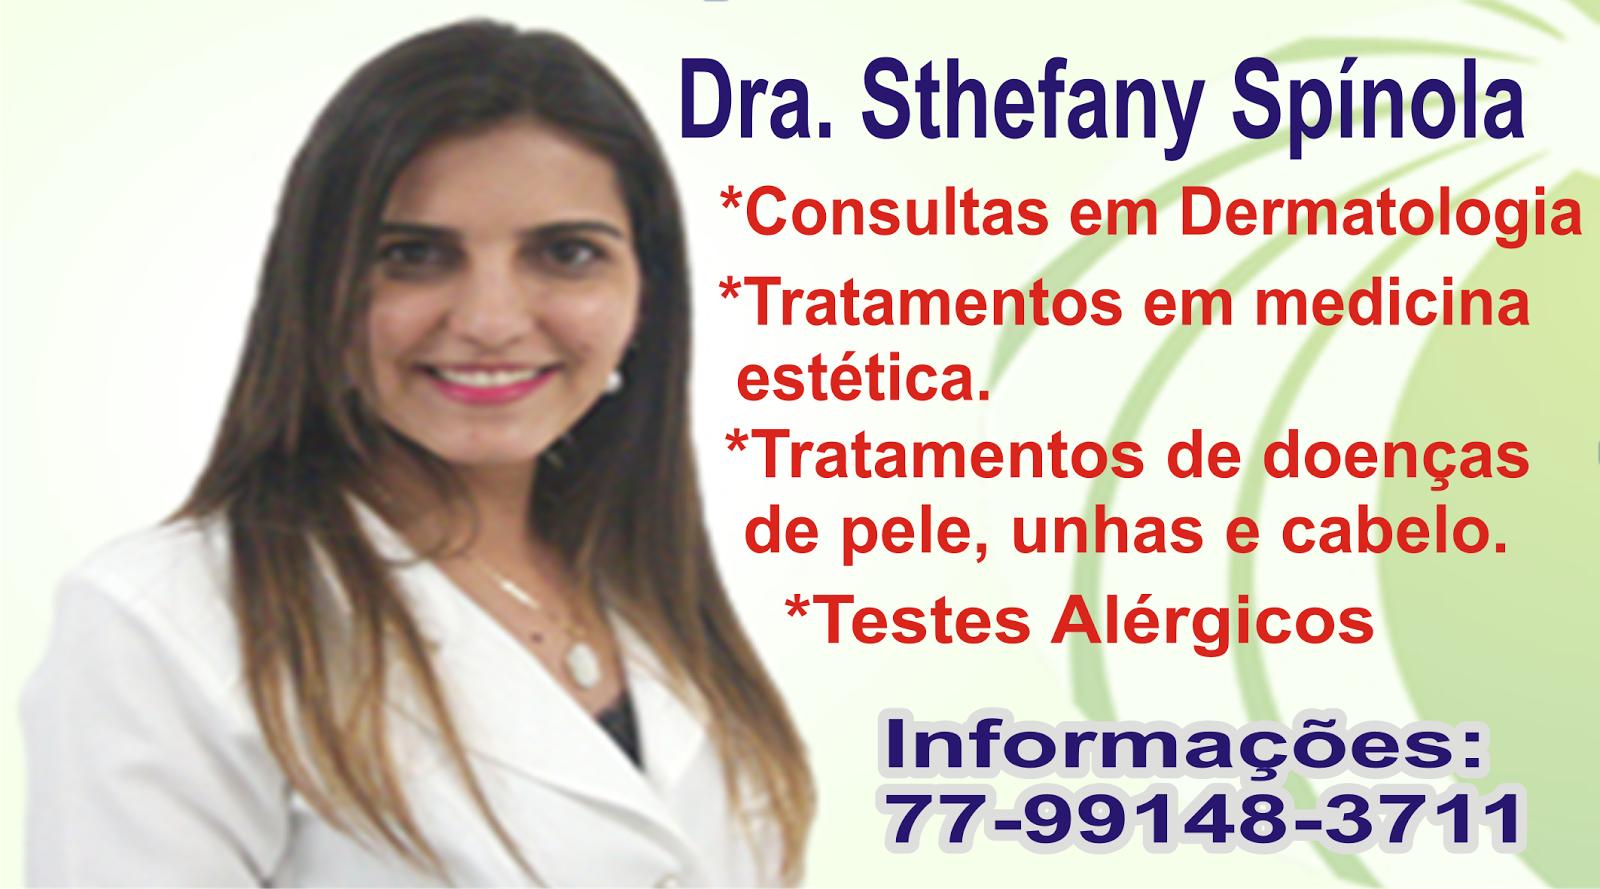 Dra. Sthefany